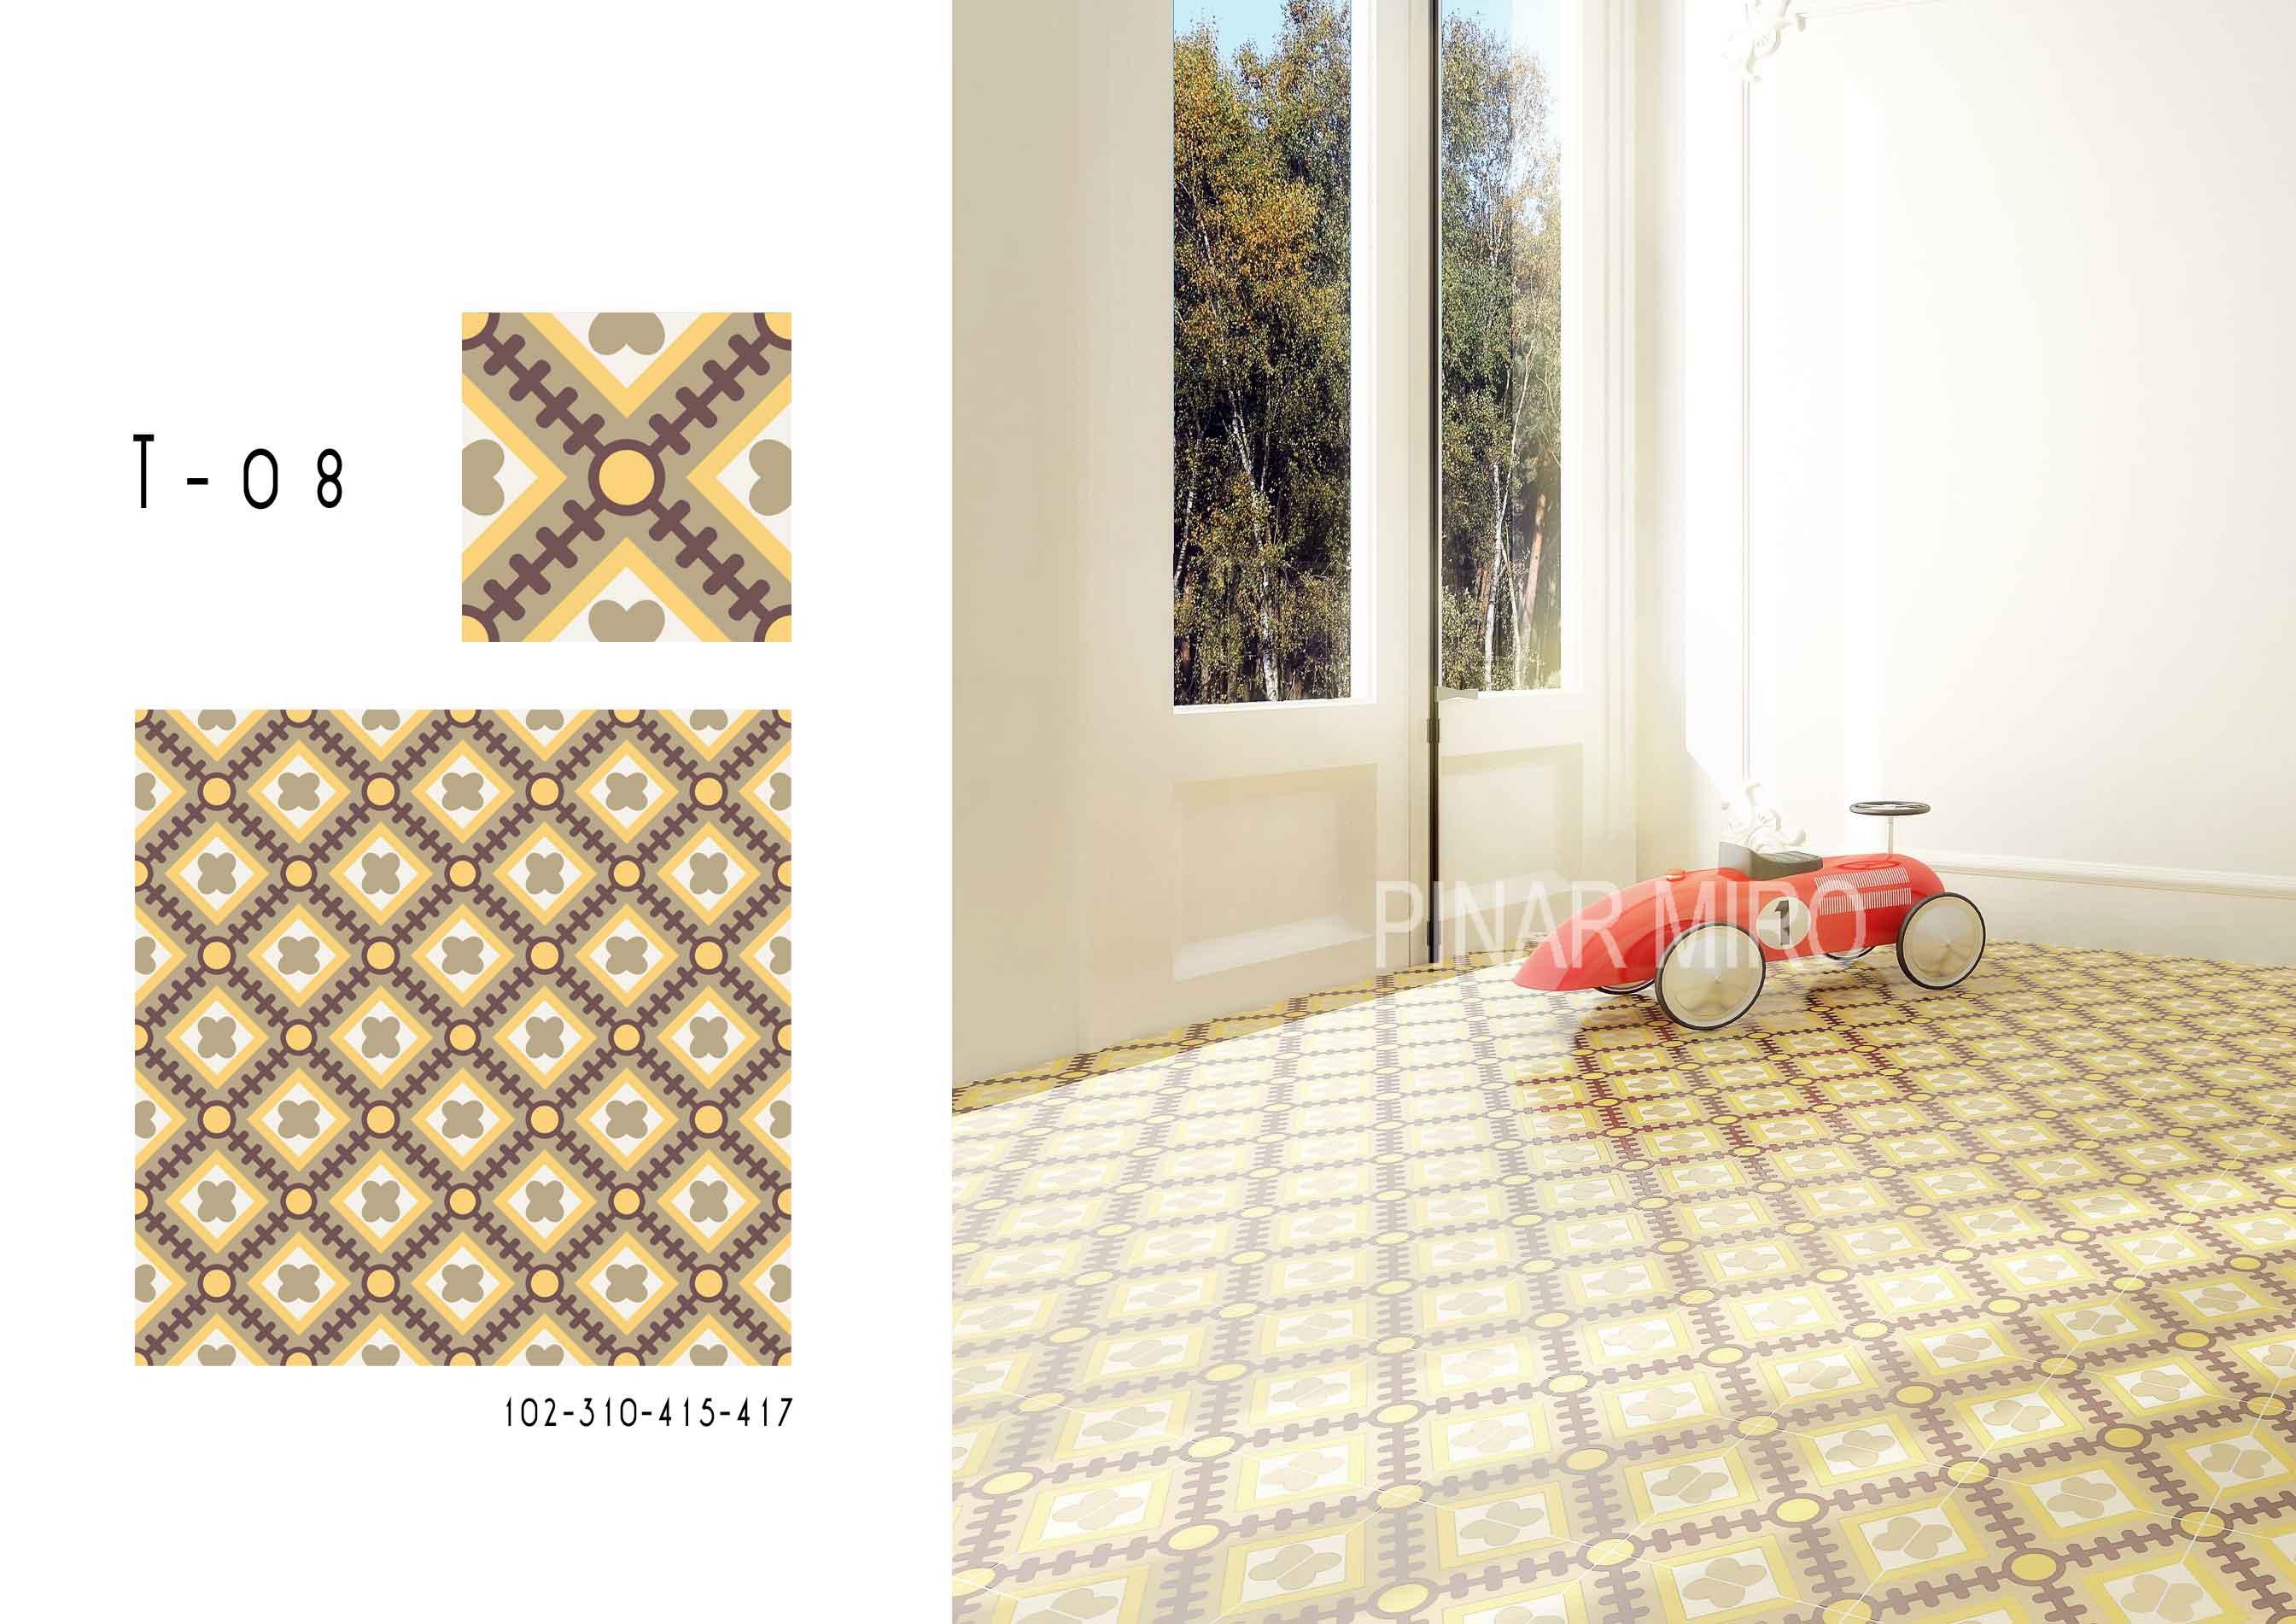 1t008-pinar-miro-cement-tiles